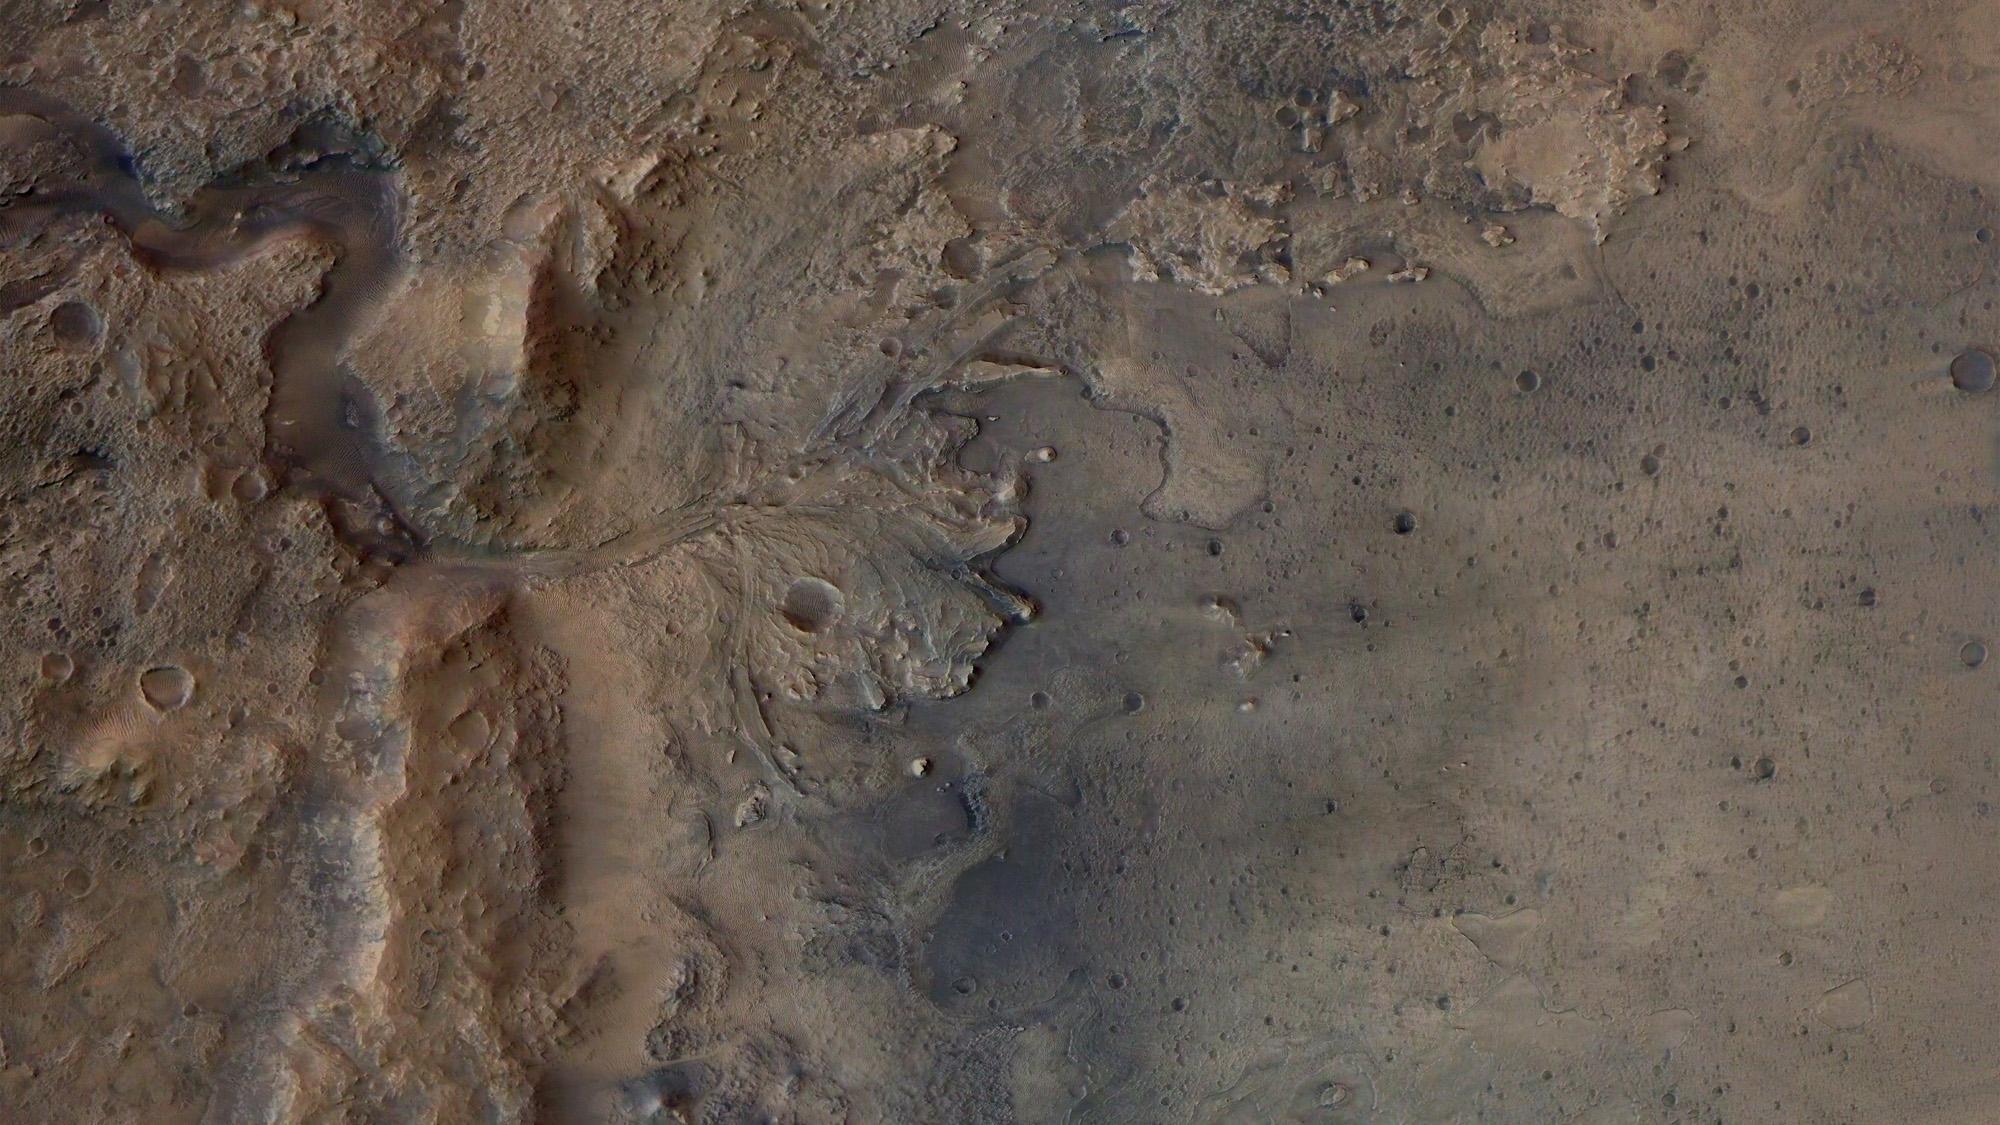 Cette image montre les restes d'un ancien delta du cratère Jezero, que le rover Perseverance Mars de la NASA explorera à la recherche de signes de vie microbienne fossilisée.  L'image a été prise par la caméra stéréo haute résolution sur l'orbiteur Mars Express de l'ESA.